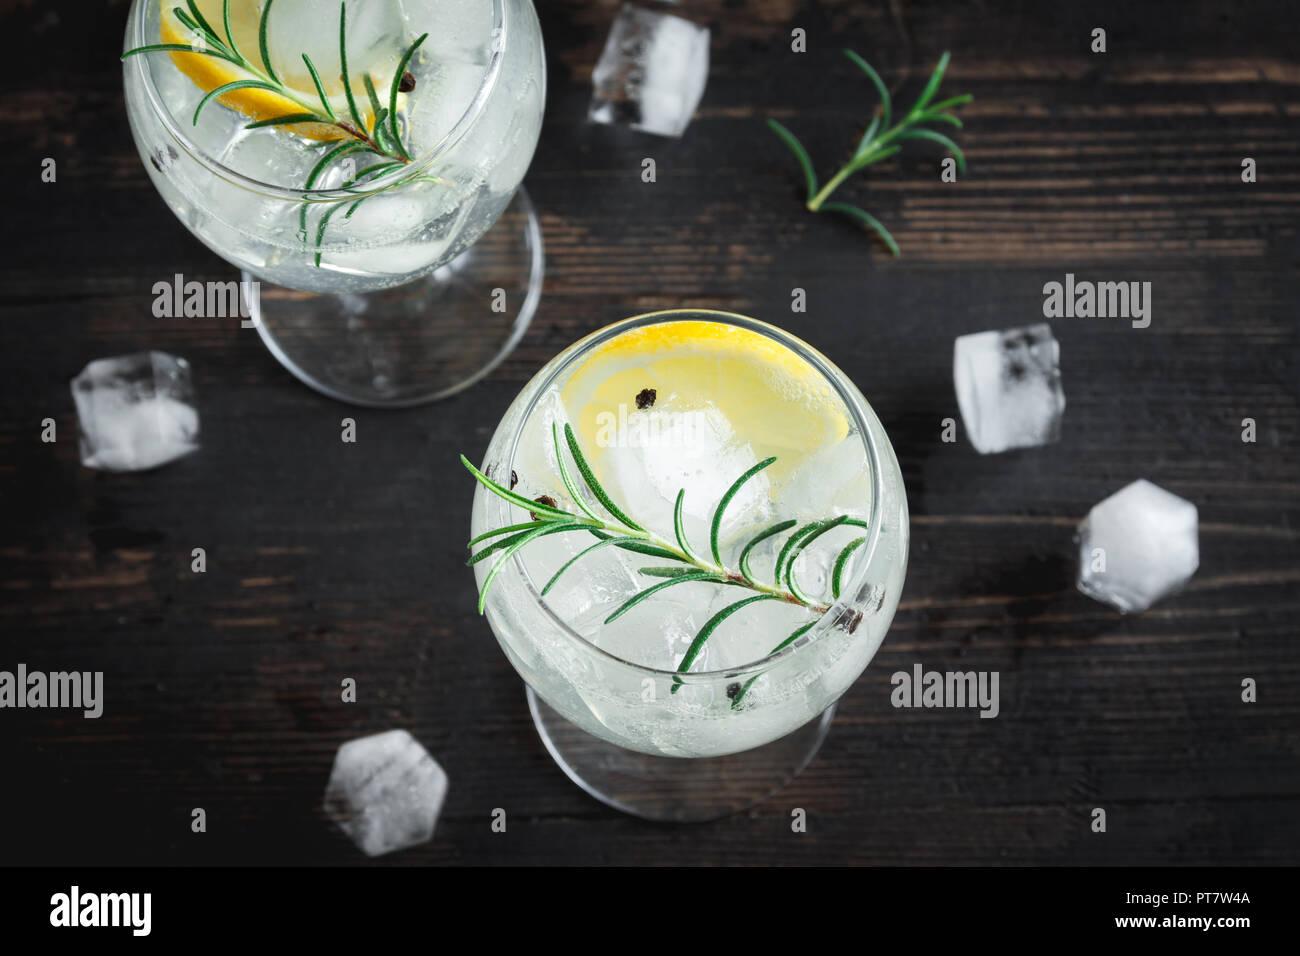 Alkohol trinken (Gin Tonic Cocktail) mit Zitrone, Rosmarin und Eis auf rustikalen schwarzen Holztisch, Kopieren, Ansicht von oben. Eisgekühlten Cocktail trinken mit Zitrone und Stockbild